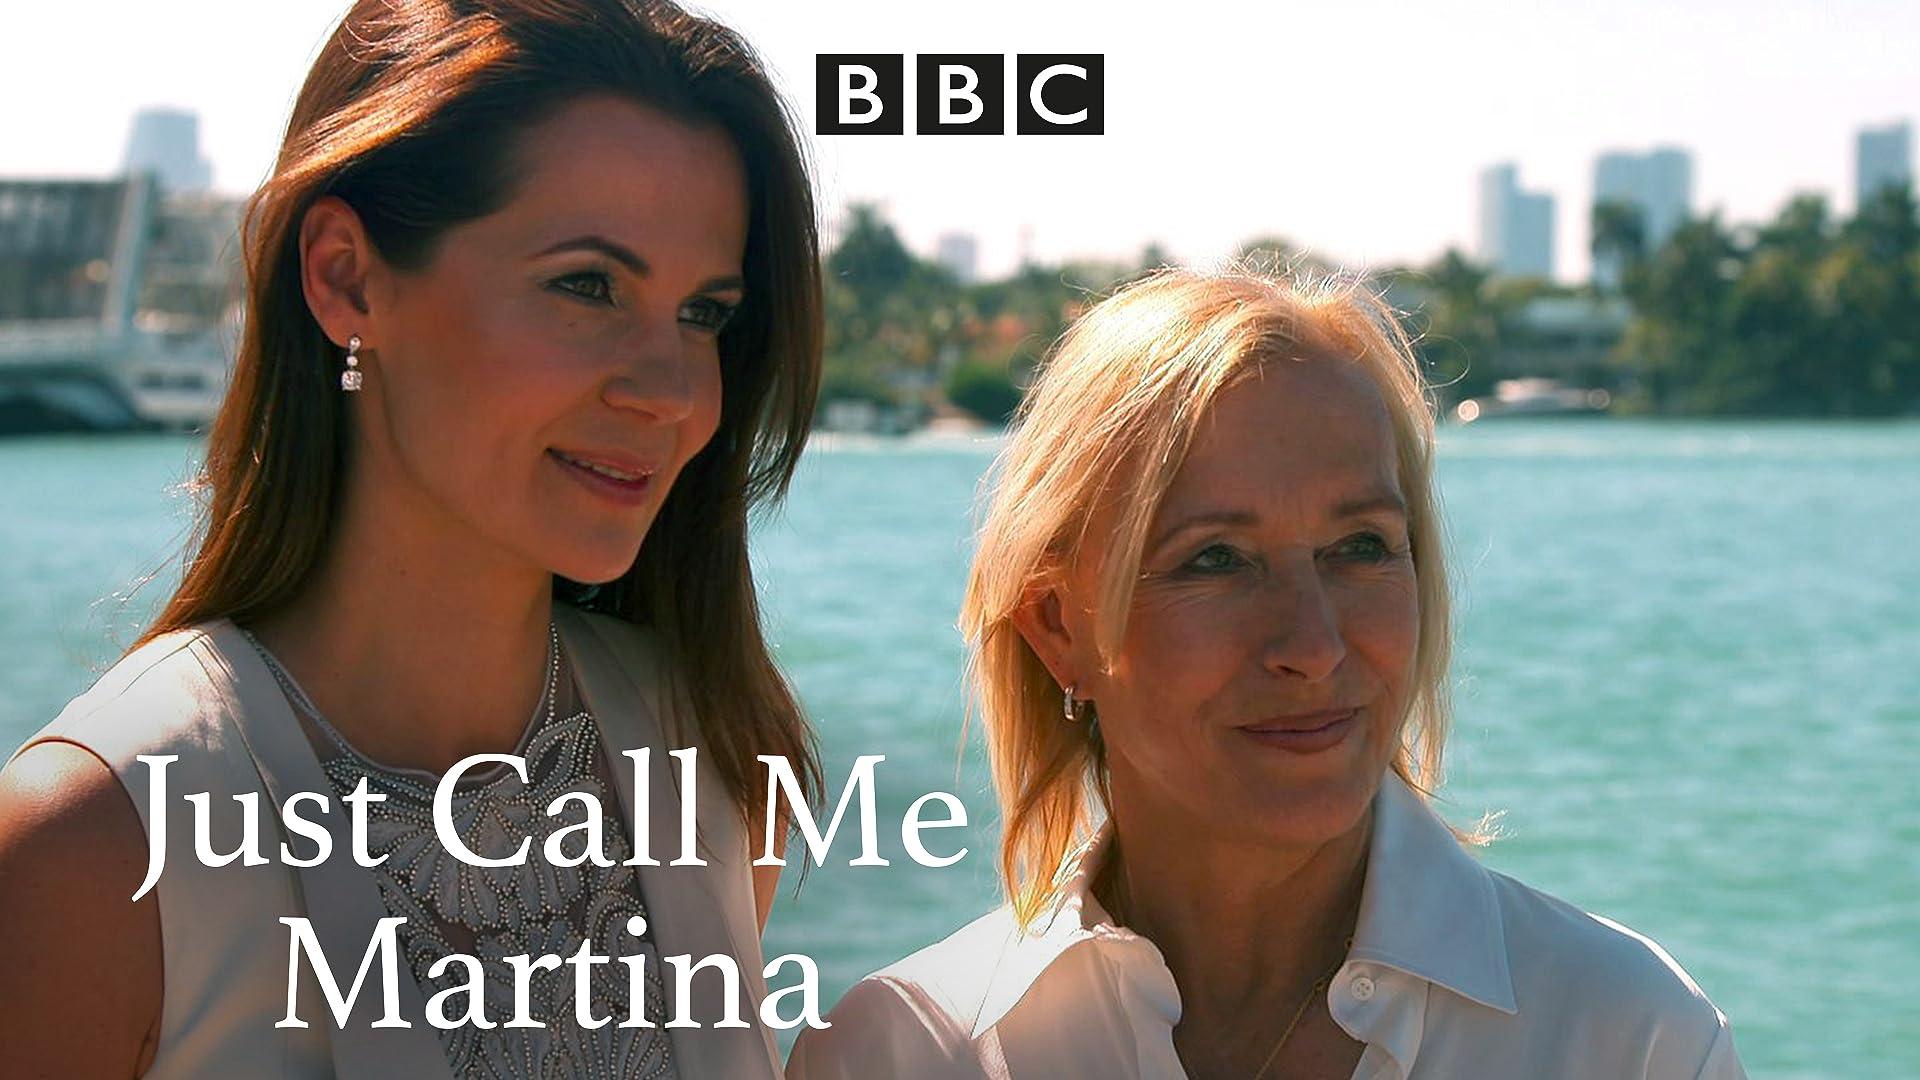 Just Call Me Martina